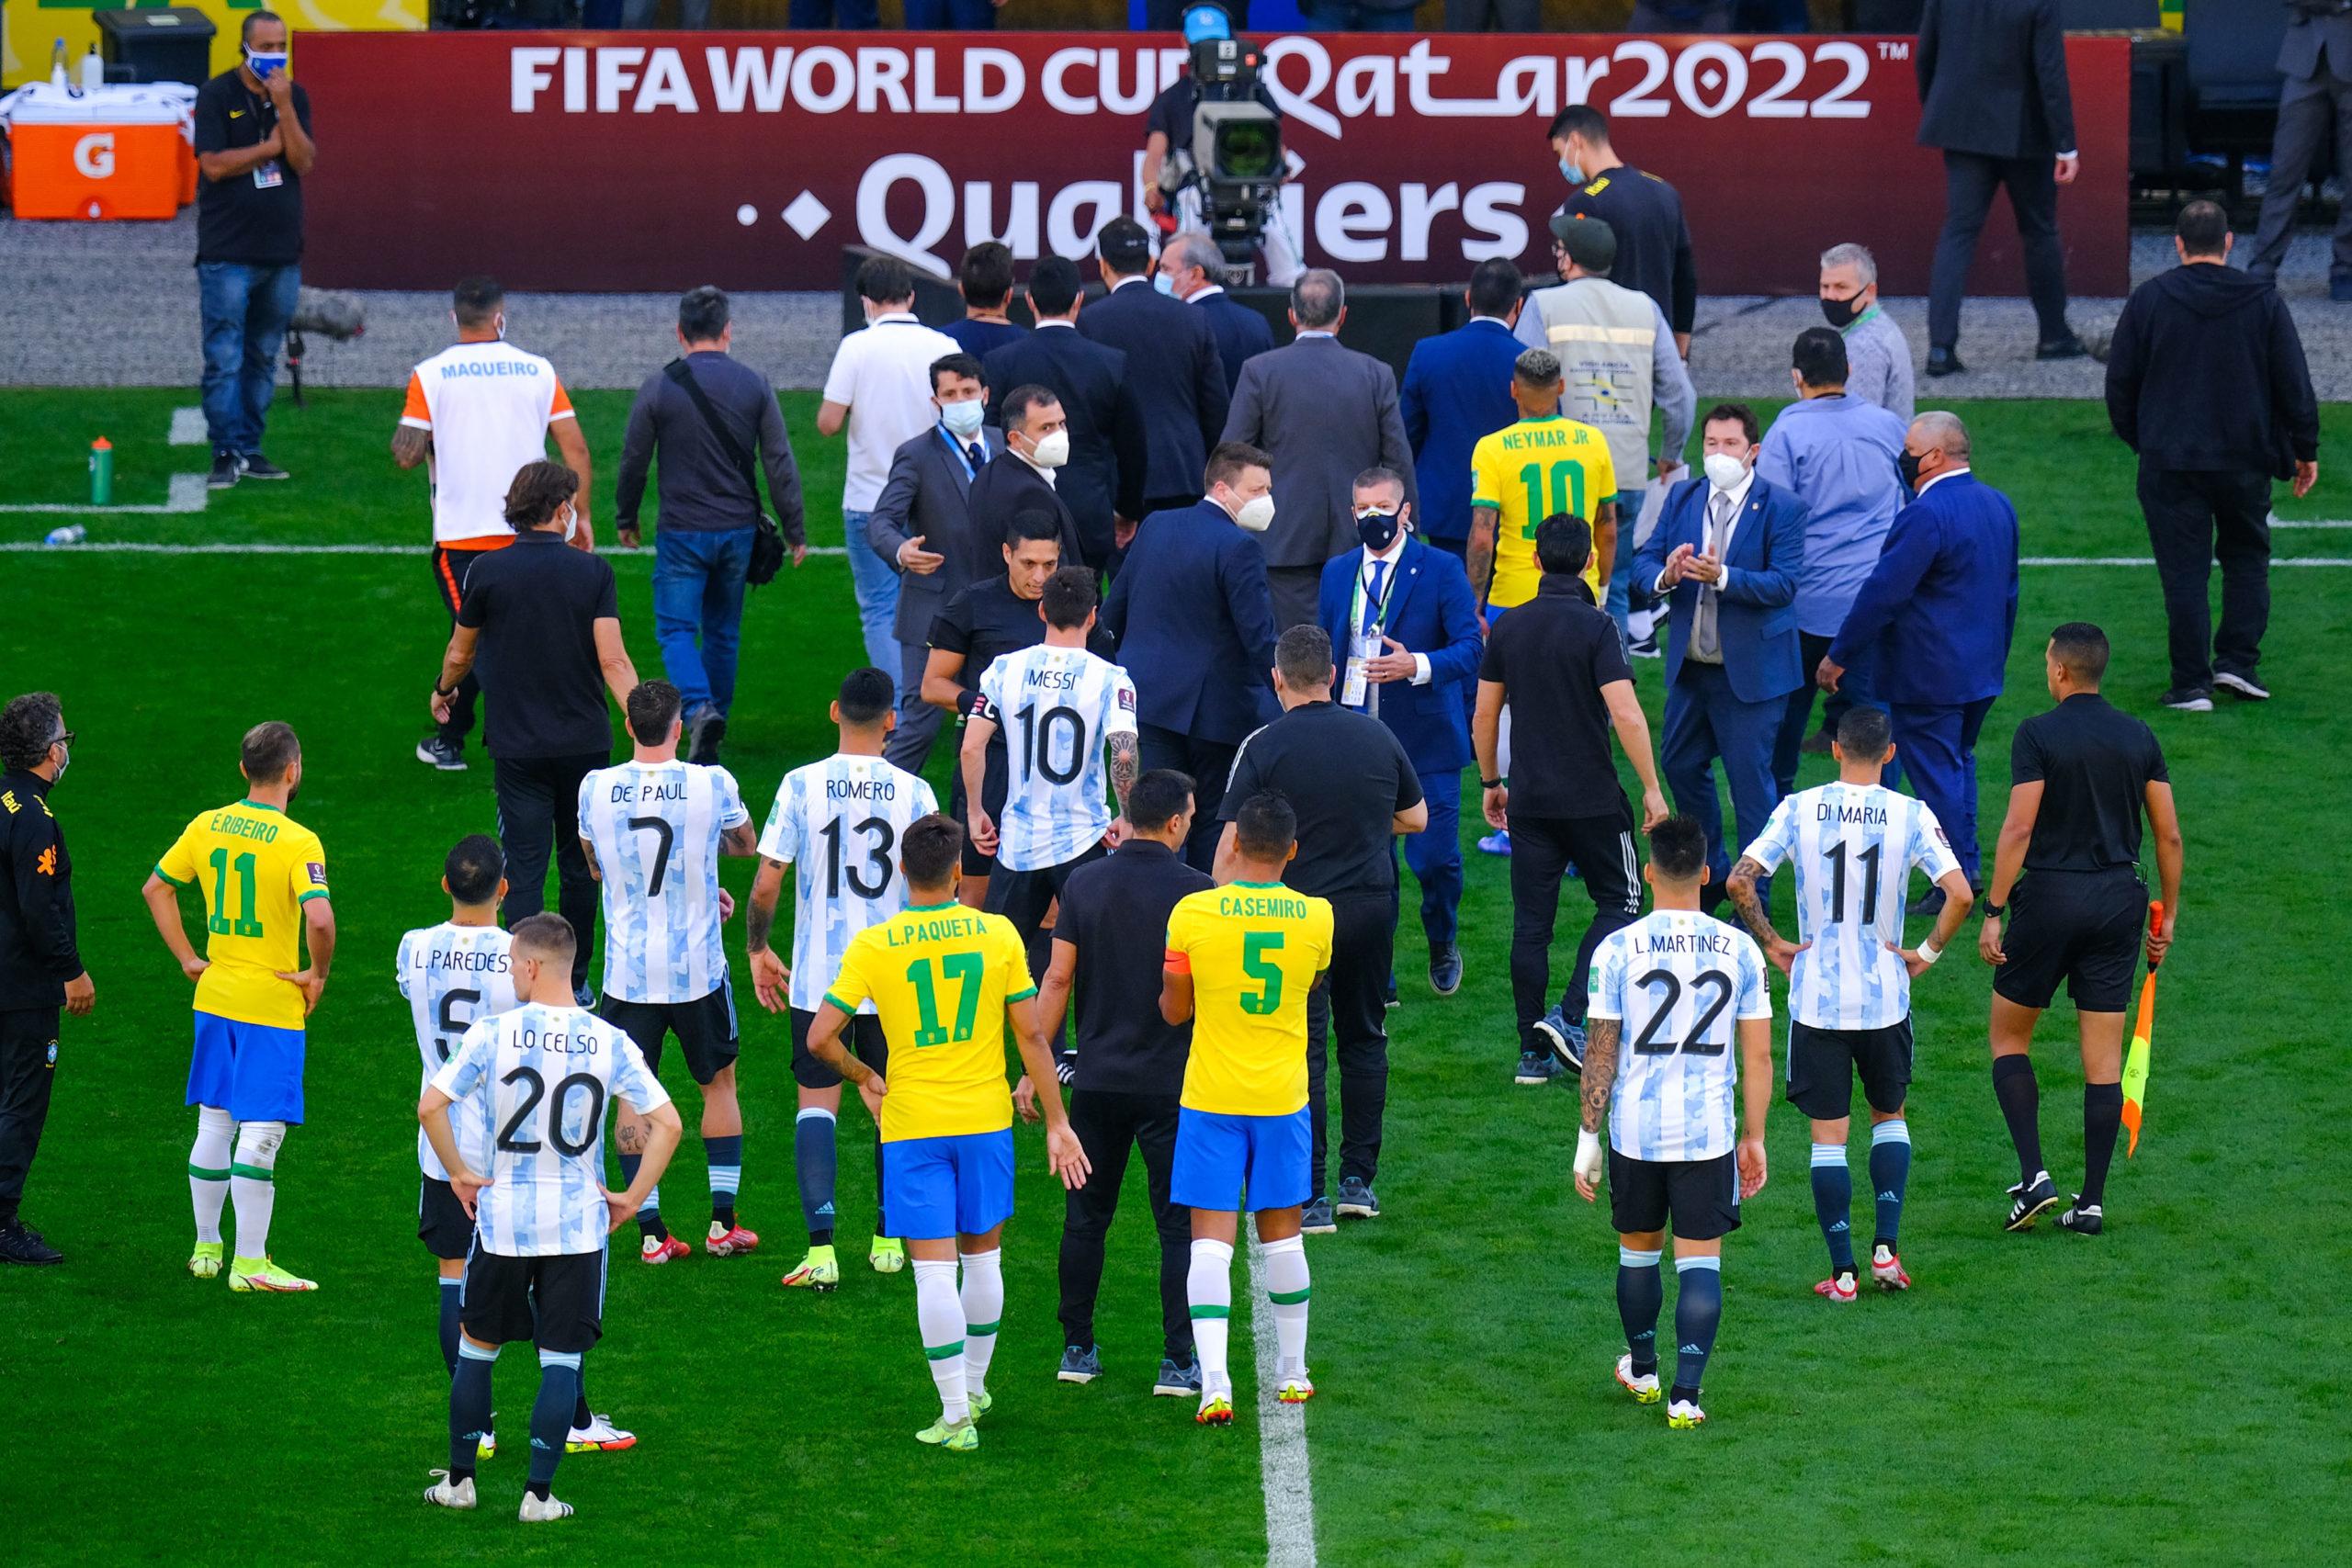 Brésil/Argentine - Match arrêté par les autorités sanitaires brésiliennes